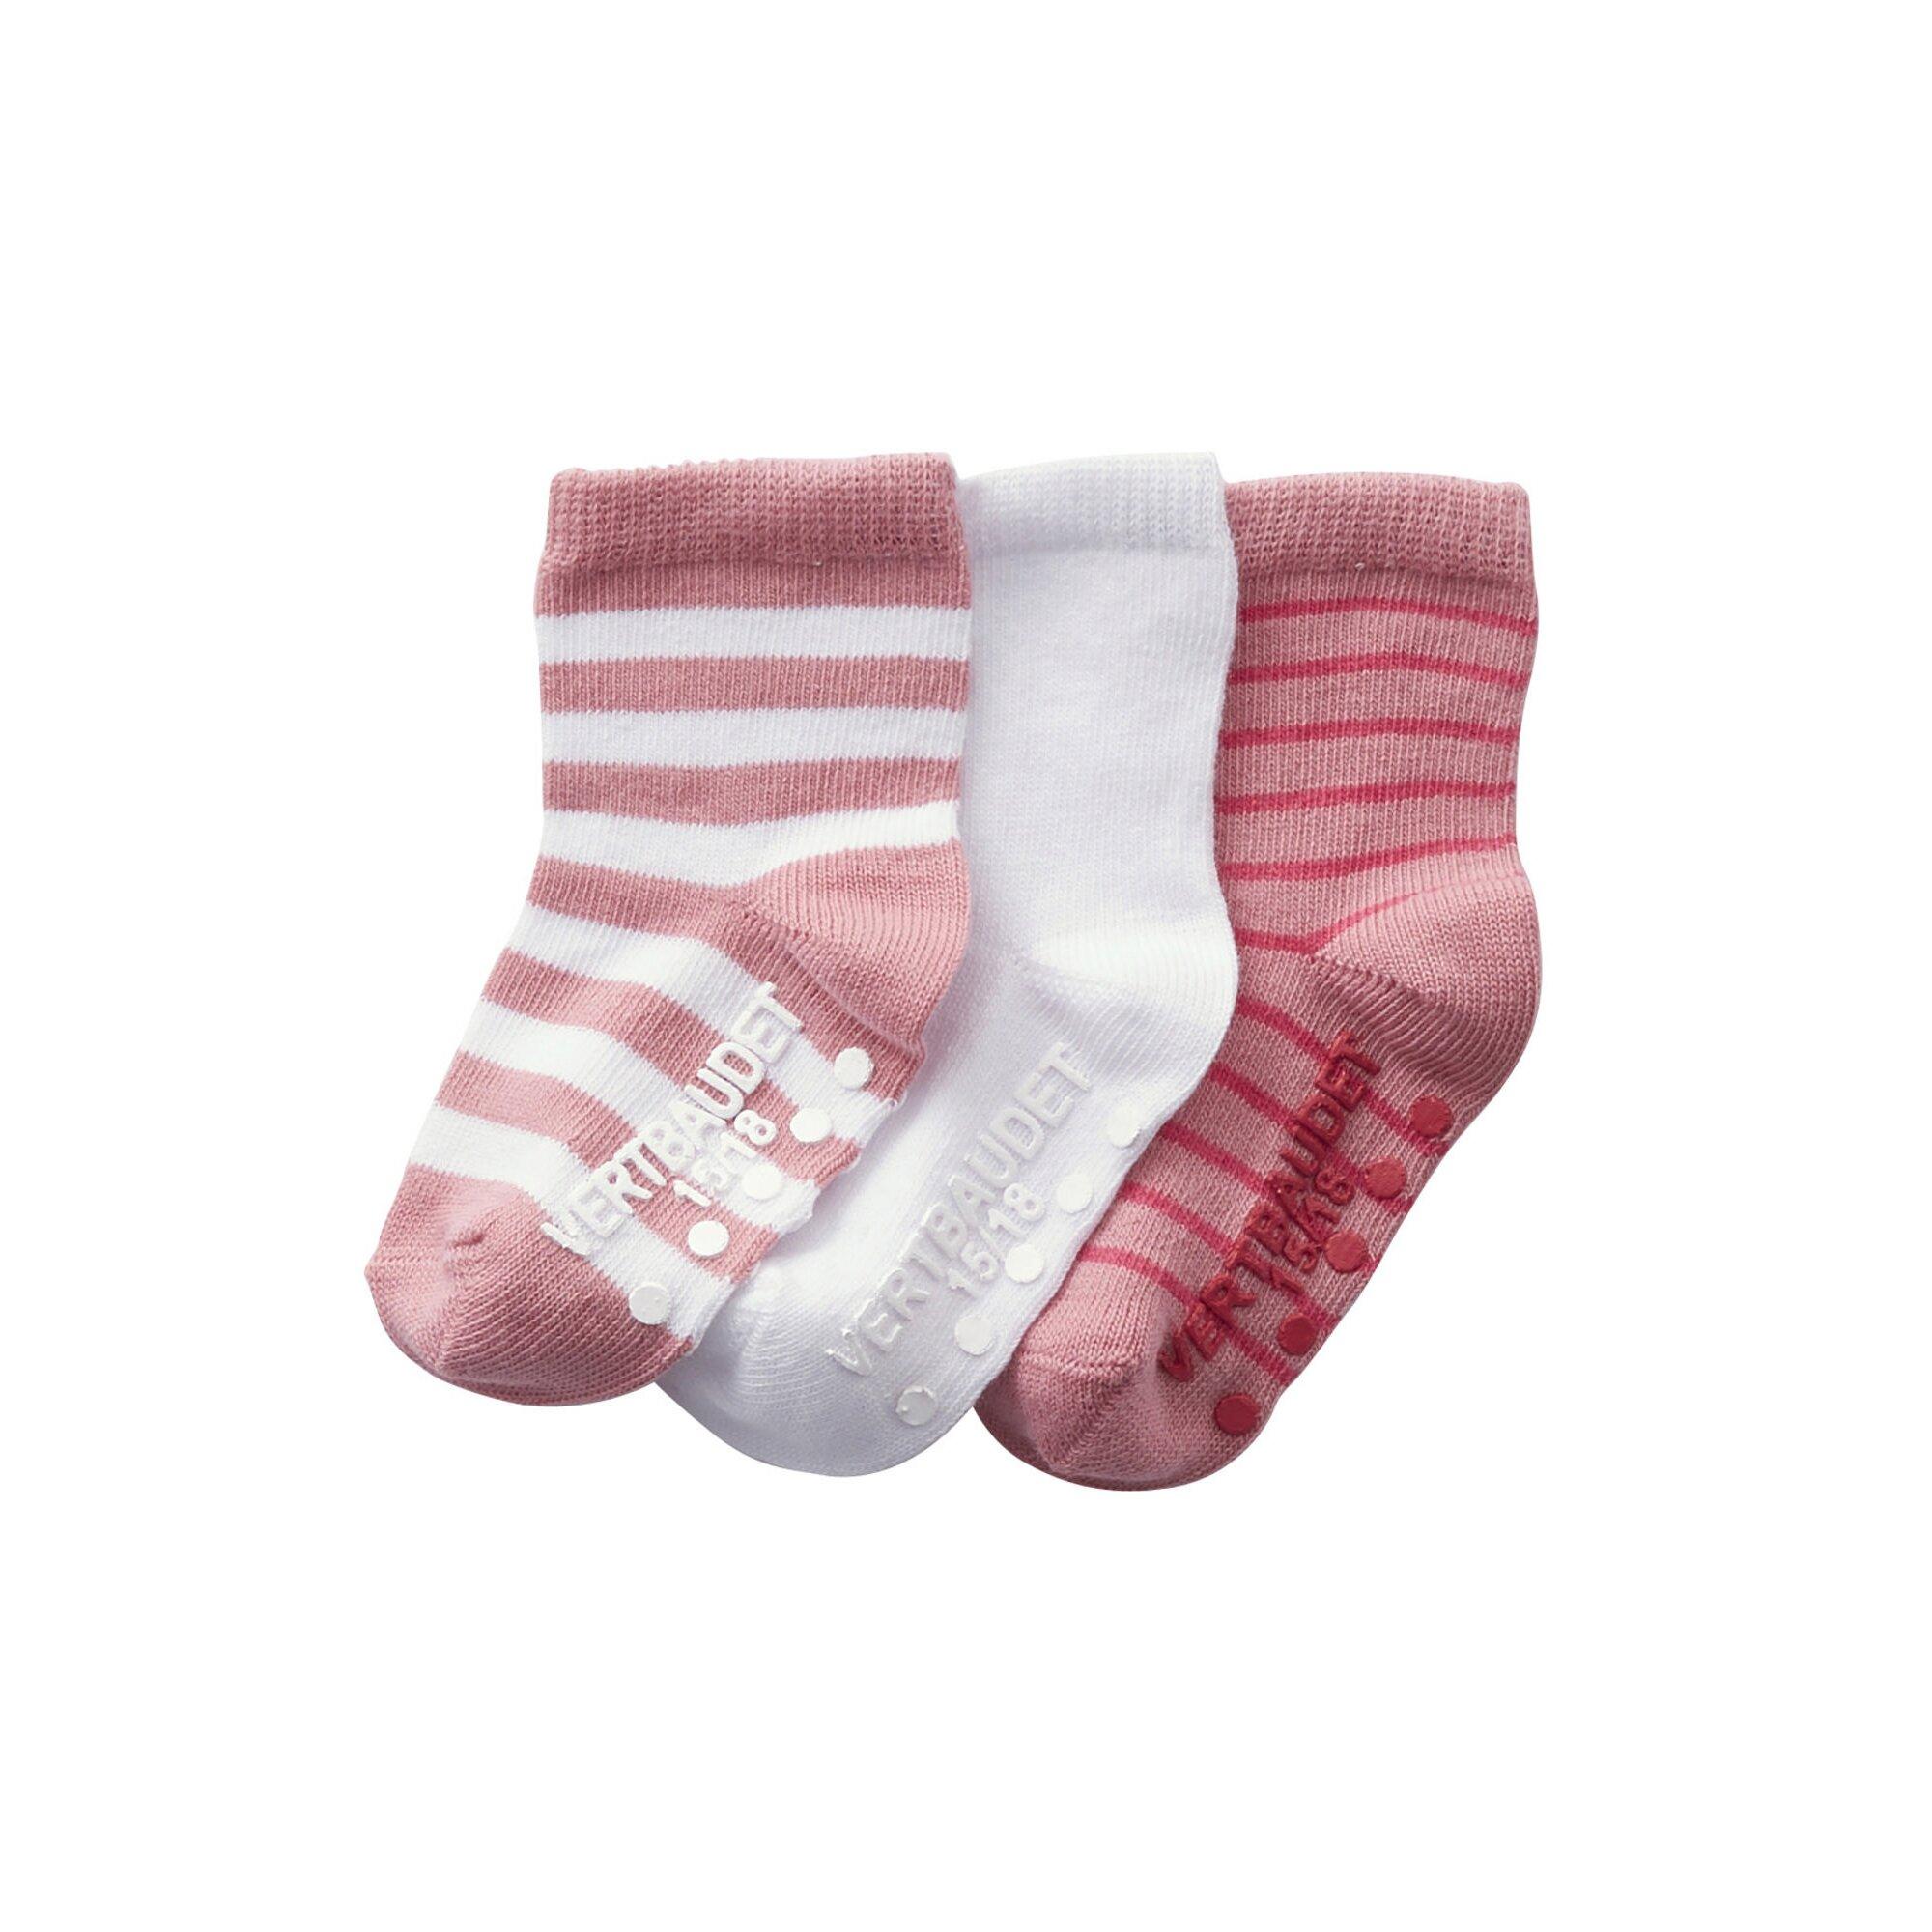 vertbaudet-3er-pack-babysocken-antirutschsohle, 6.99 EUR @ babywalz-de